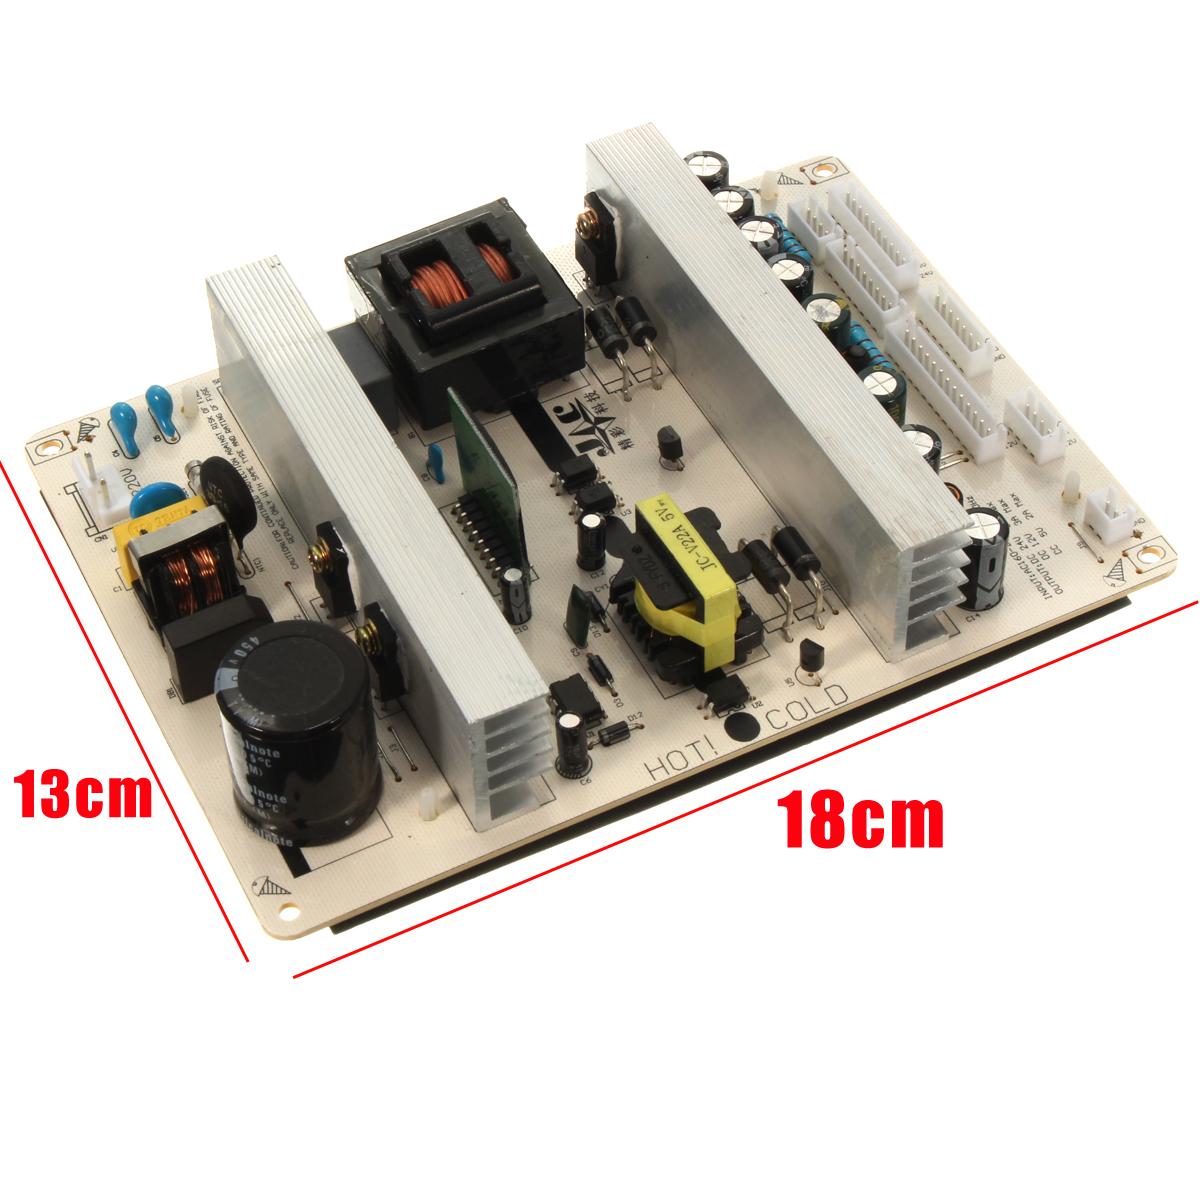 5V/12V/24V Universal LCD LED Power Supply Module For 24/26/32 Inch LCD TV